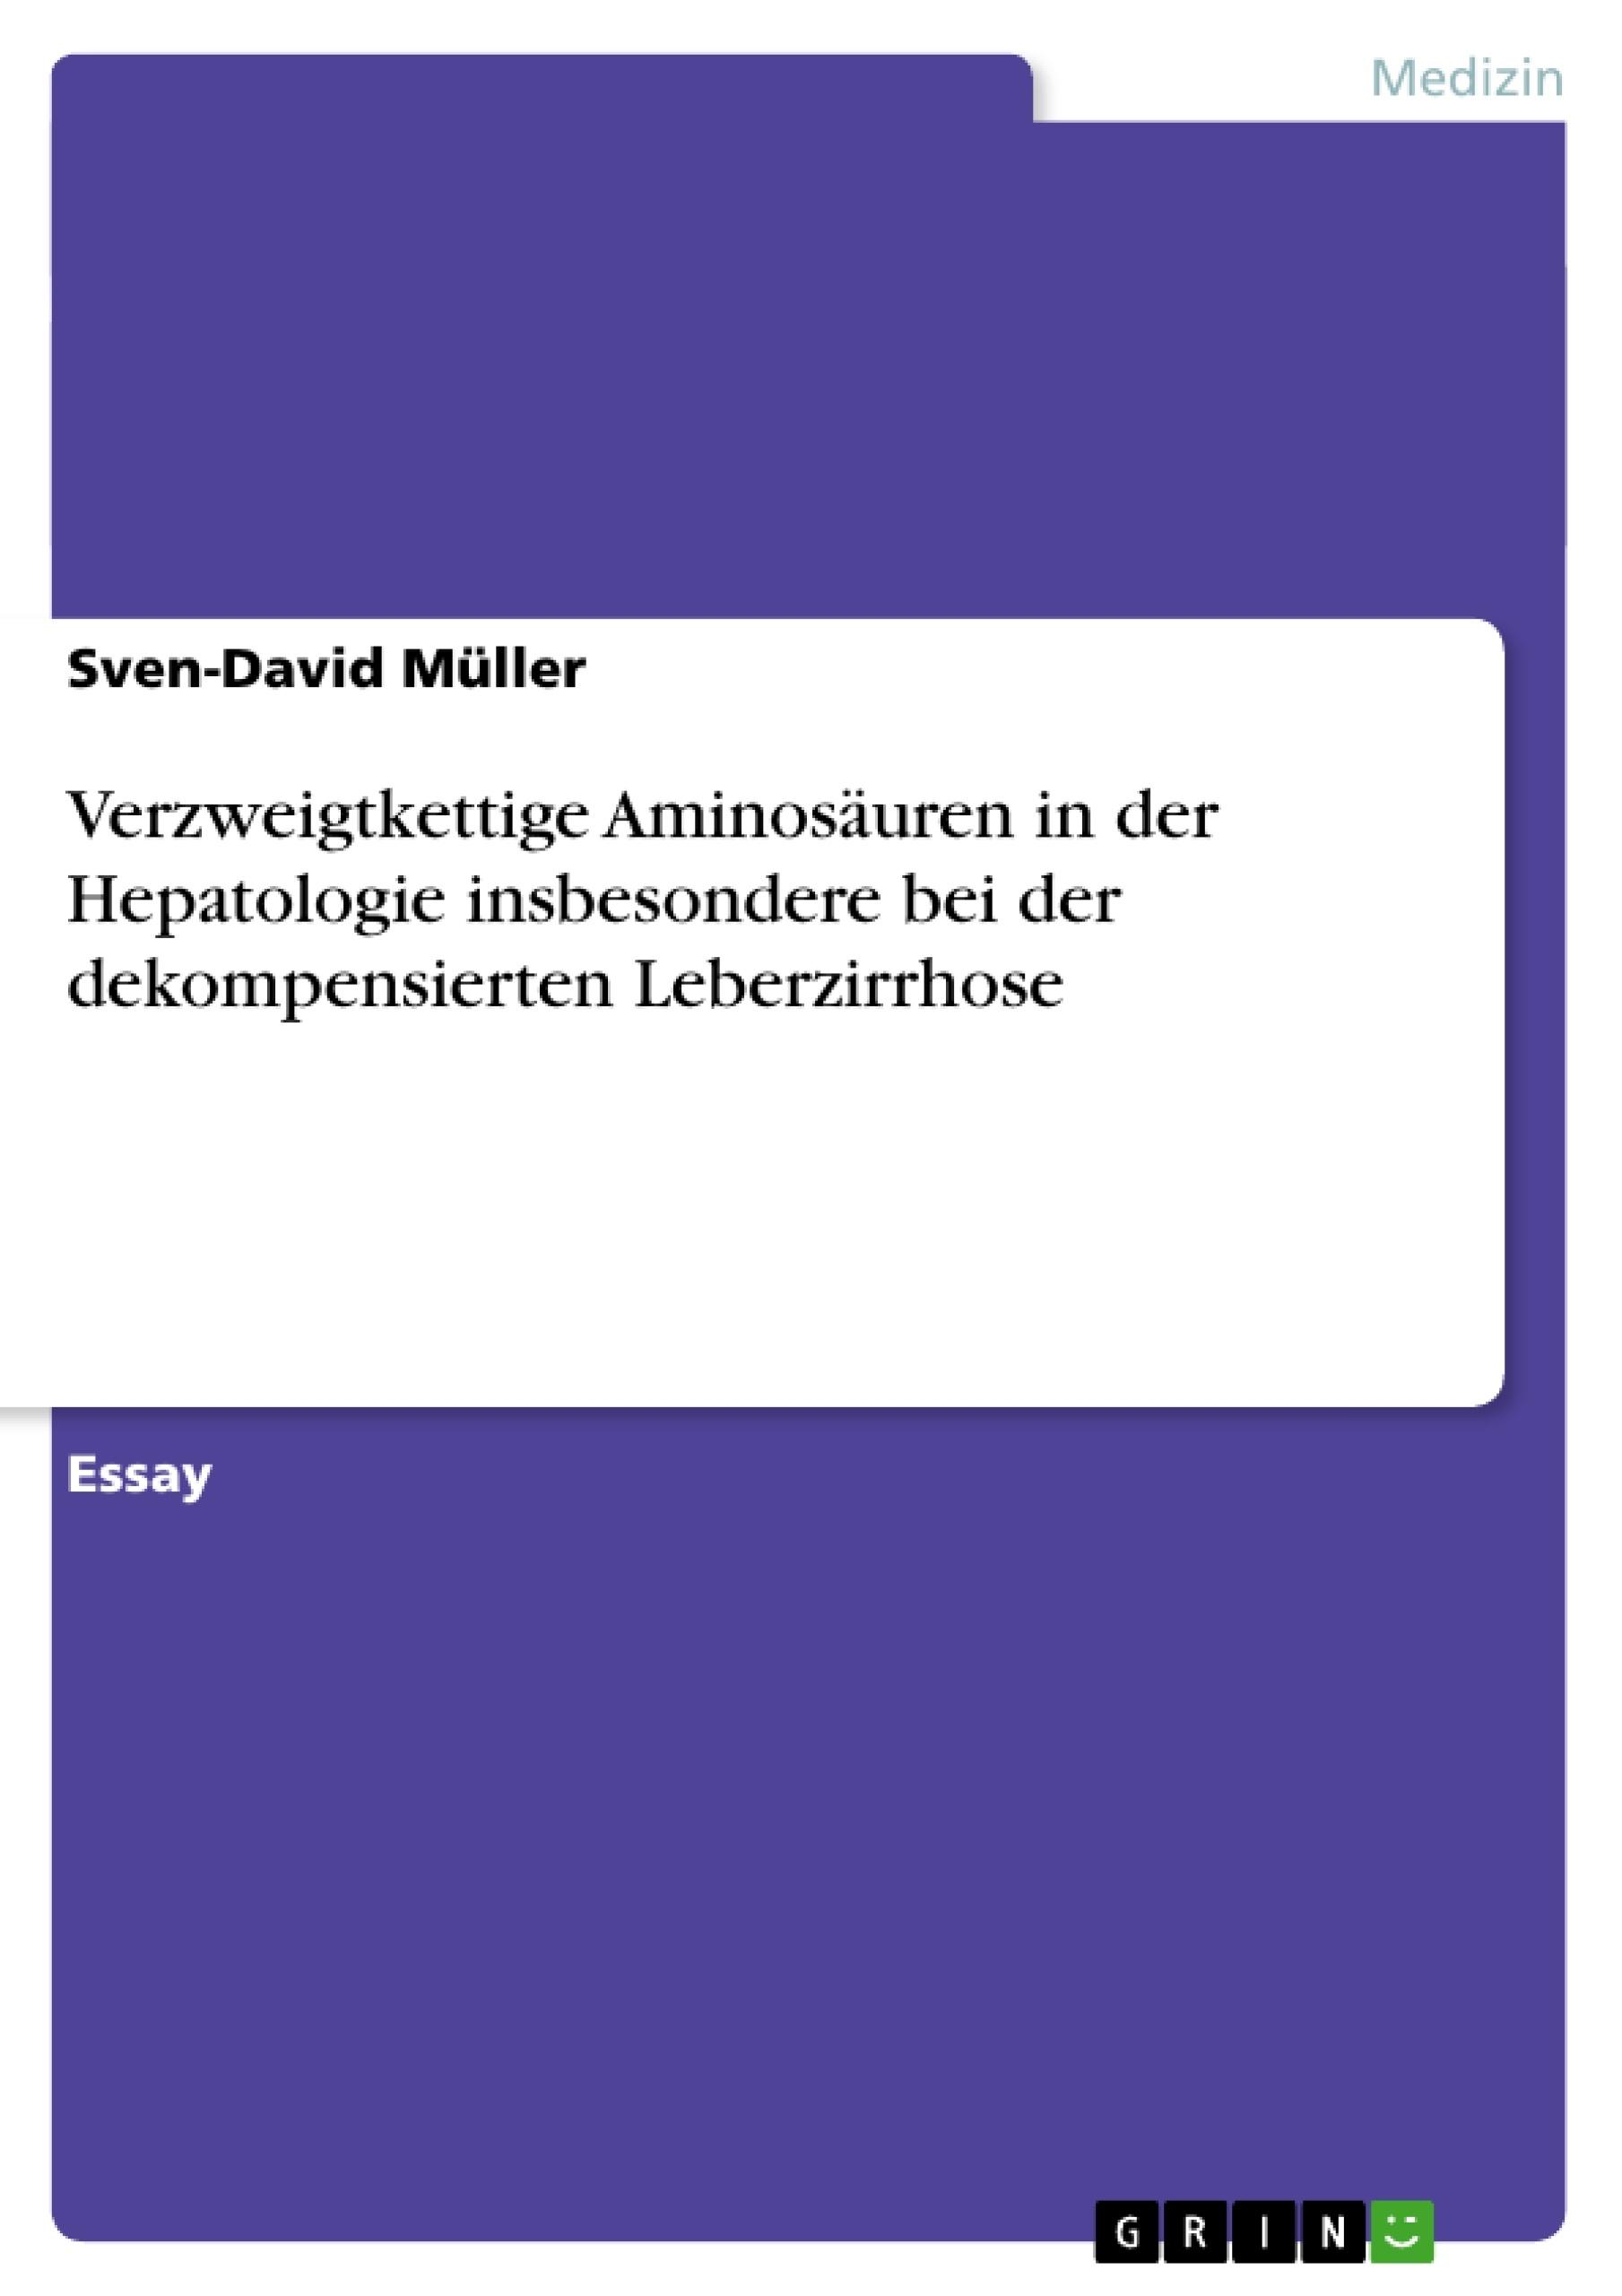 Titel: Verzweigtkettige Aminosäuren in der Hepatologie insbesondere bei der dekompensierten Leberzirrhose